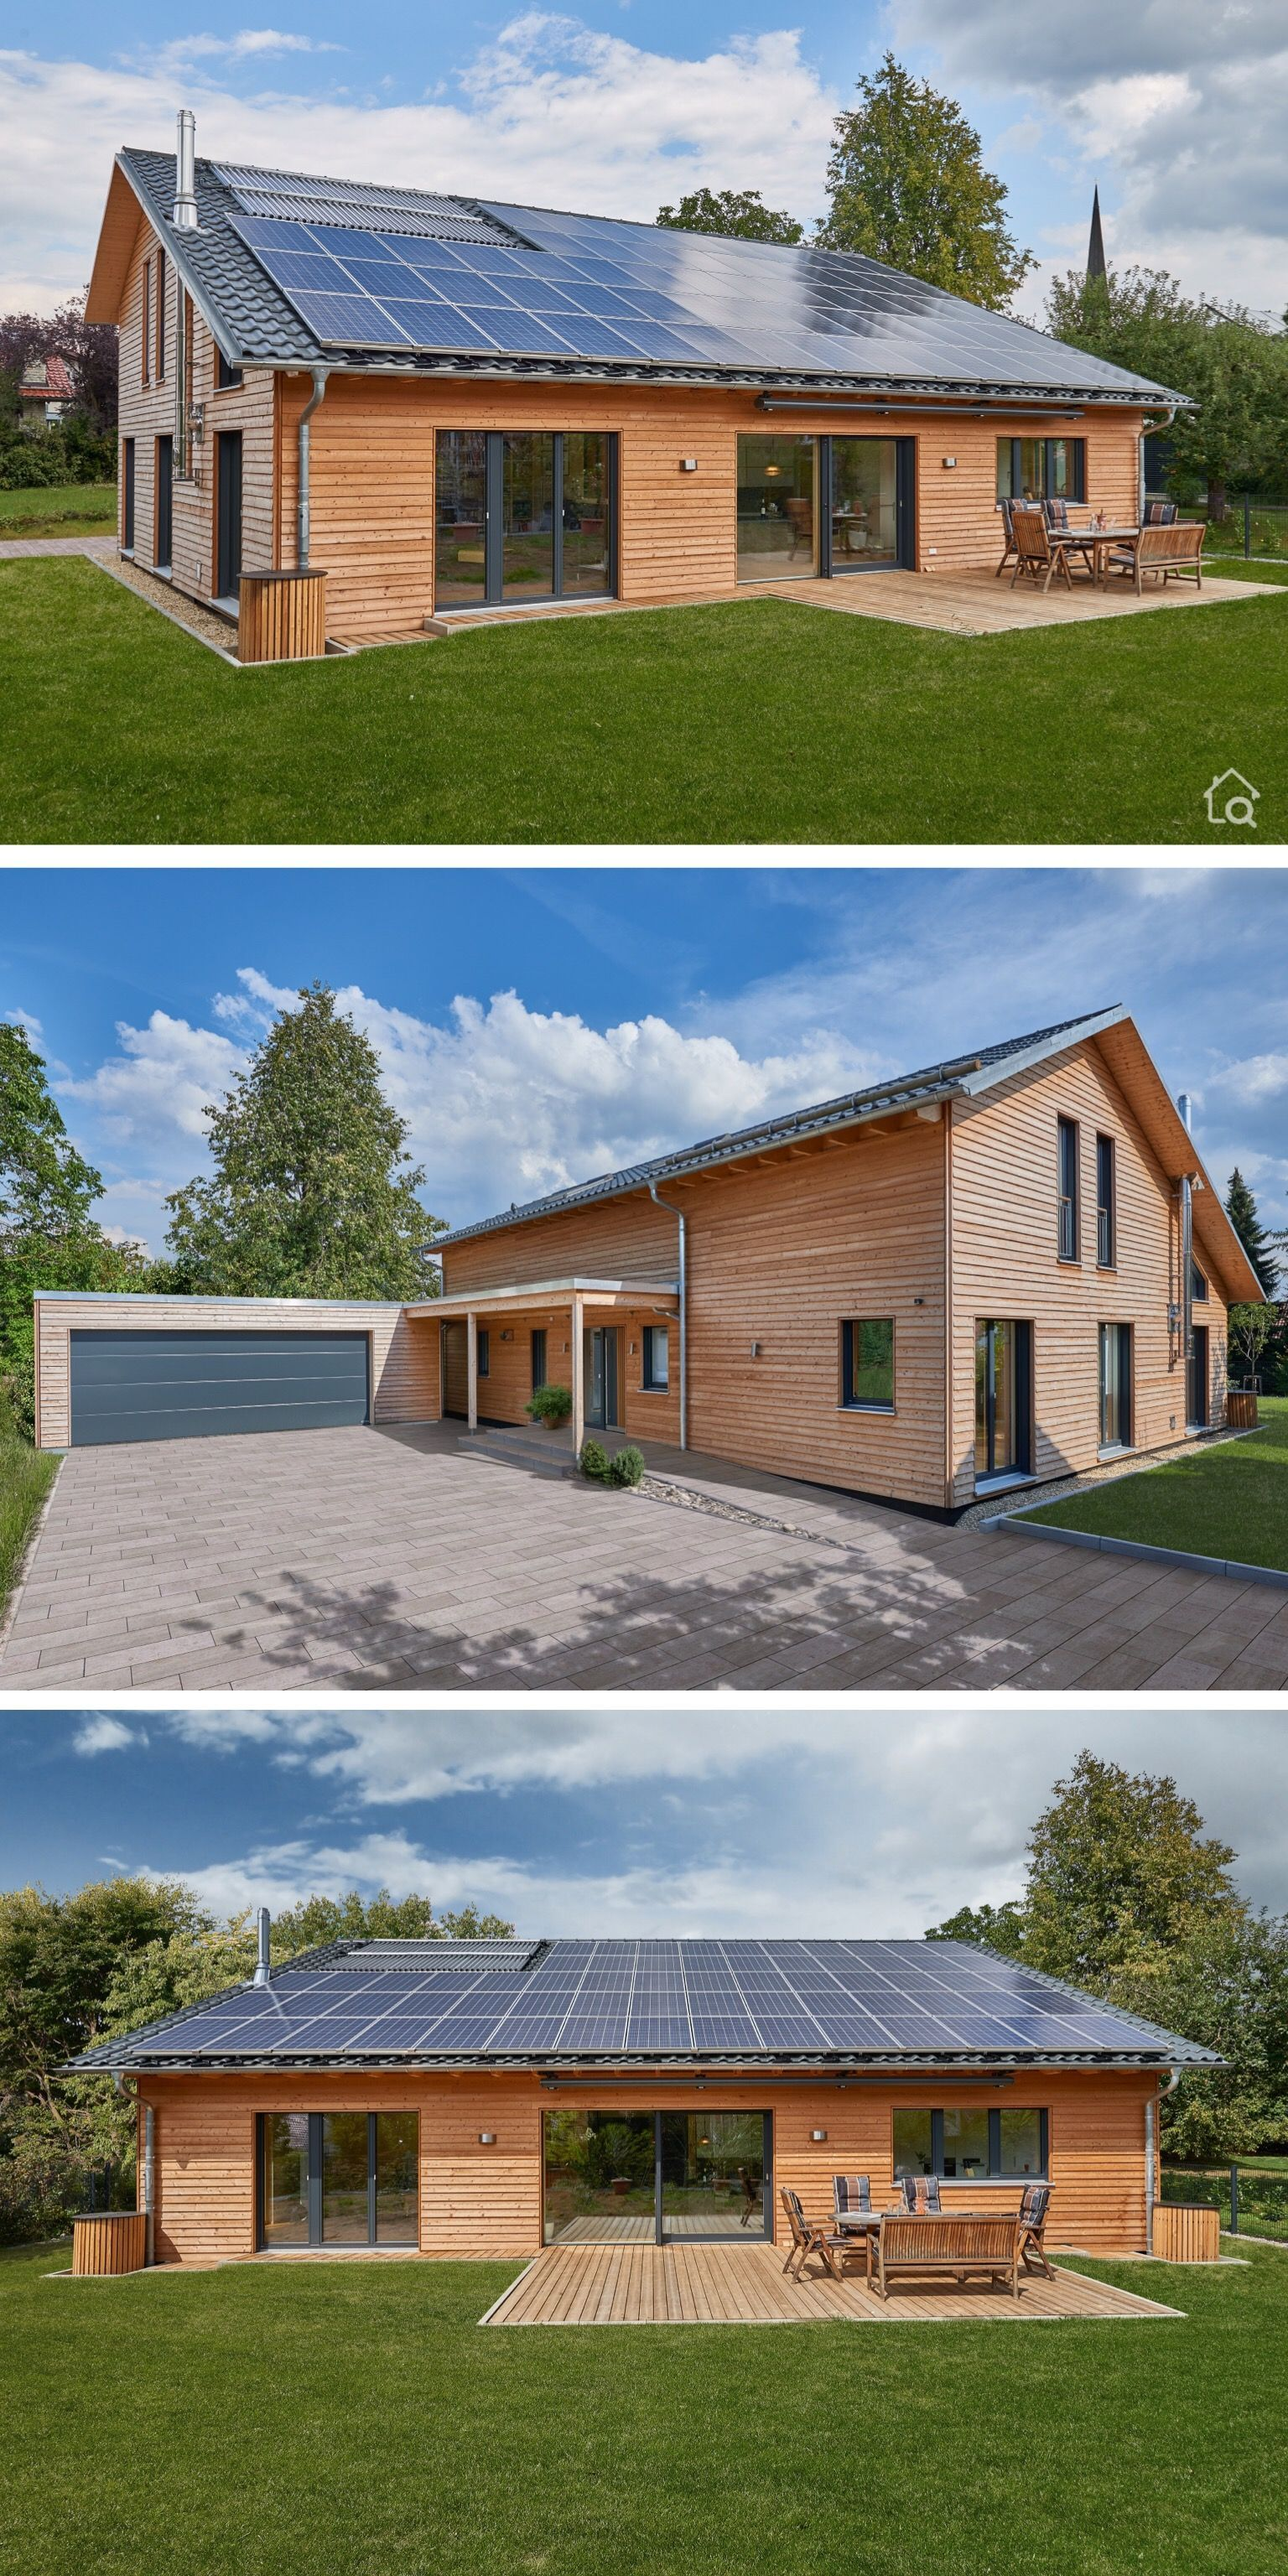 Individuelles Architektenhaus modern mit Holz Fassade